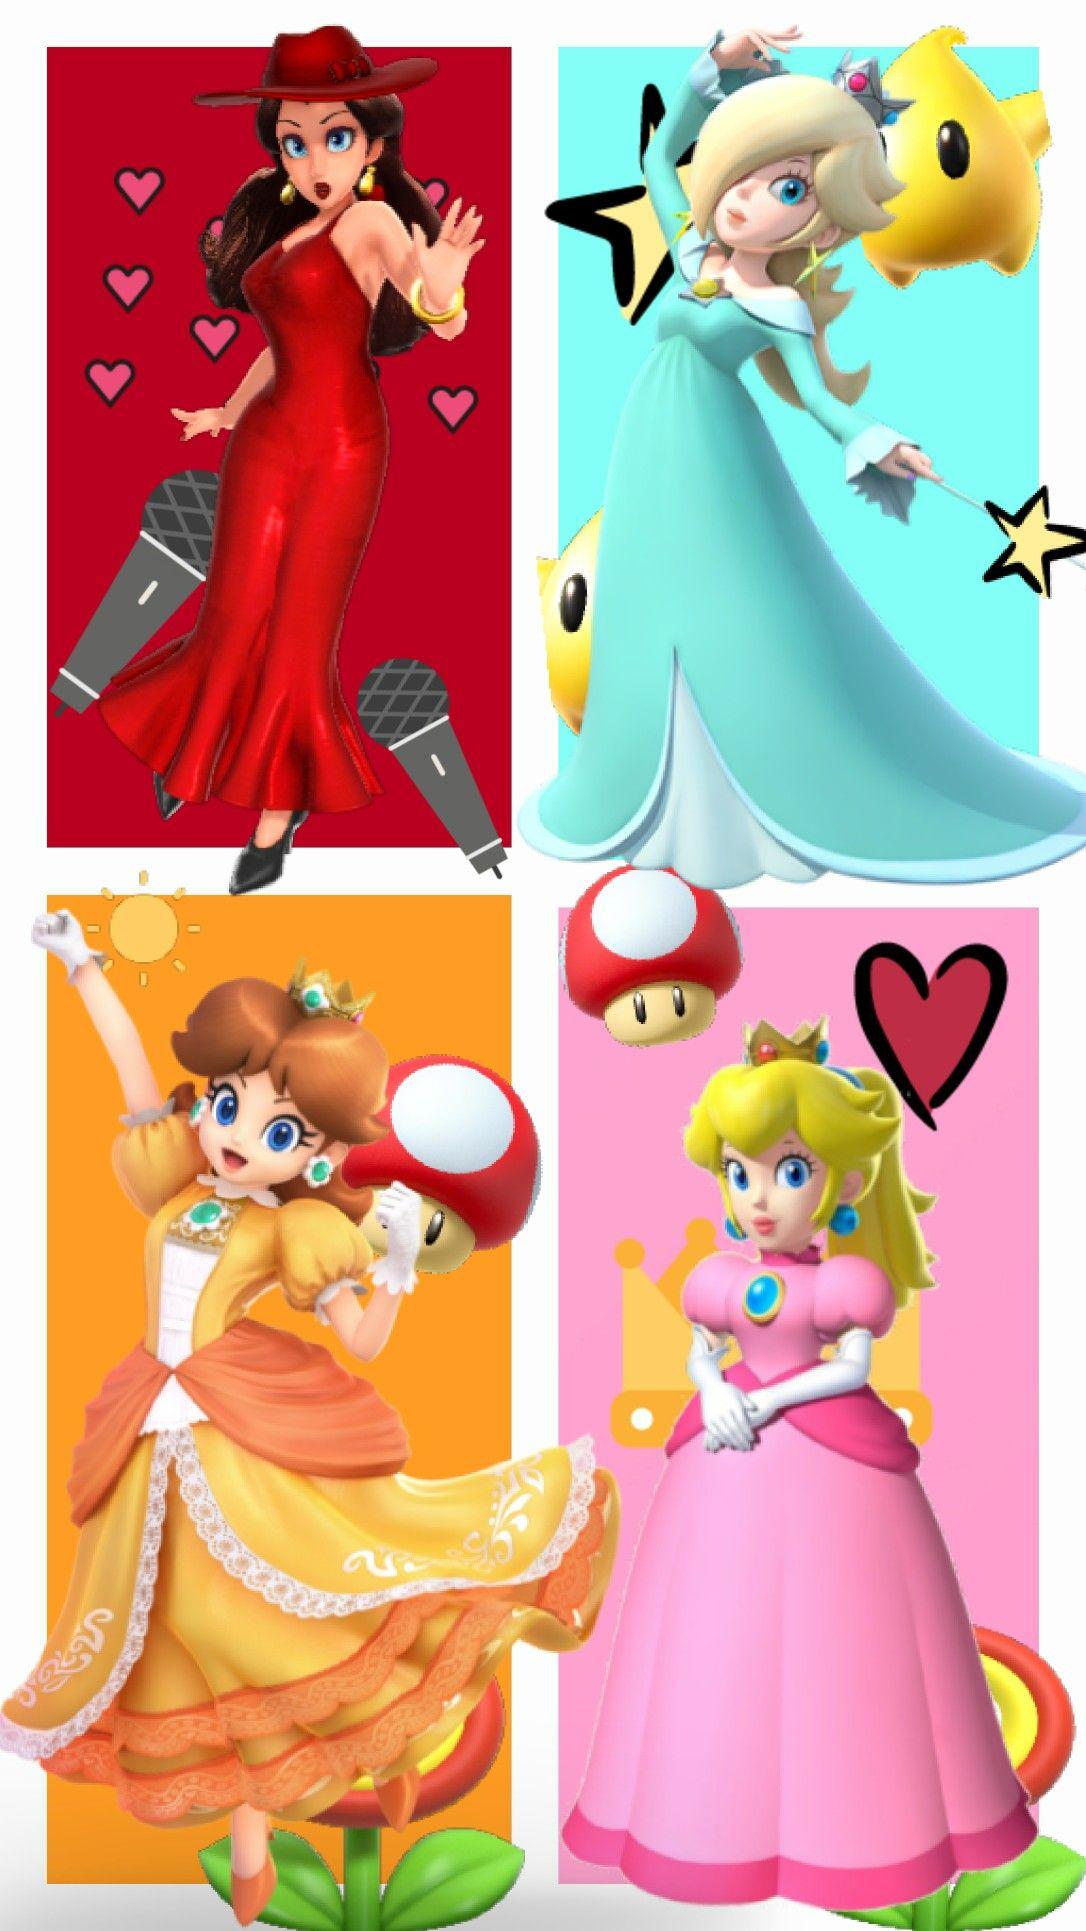 Princess Peach Daisy And Rosalina Also Mayor Pauline Mario And Princess Peach Peach Mario Super Mario Princess